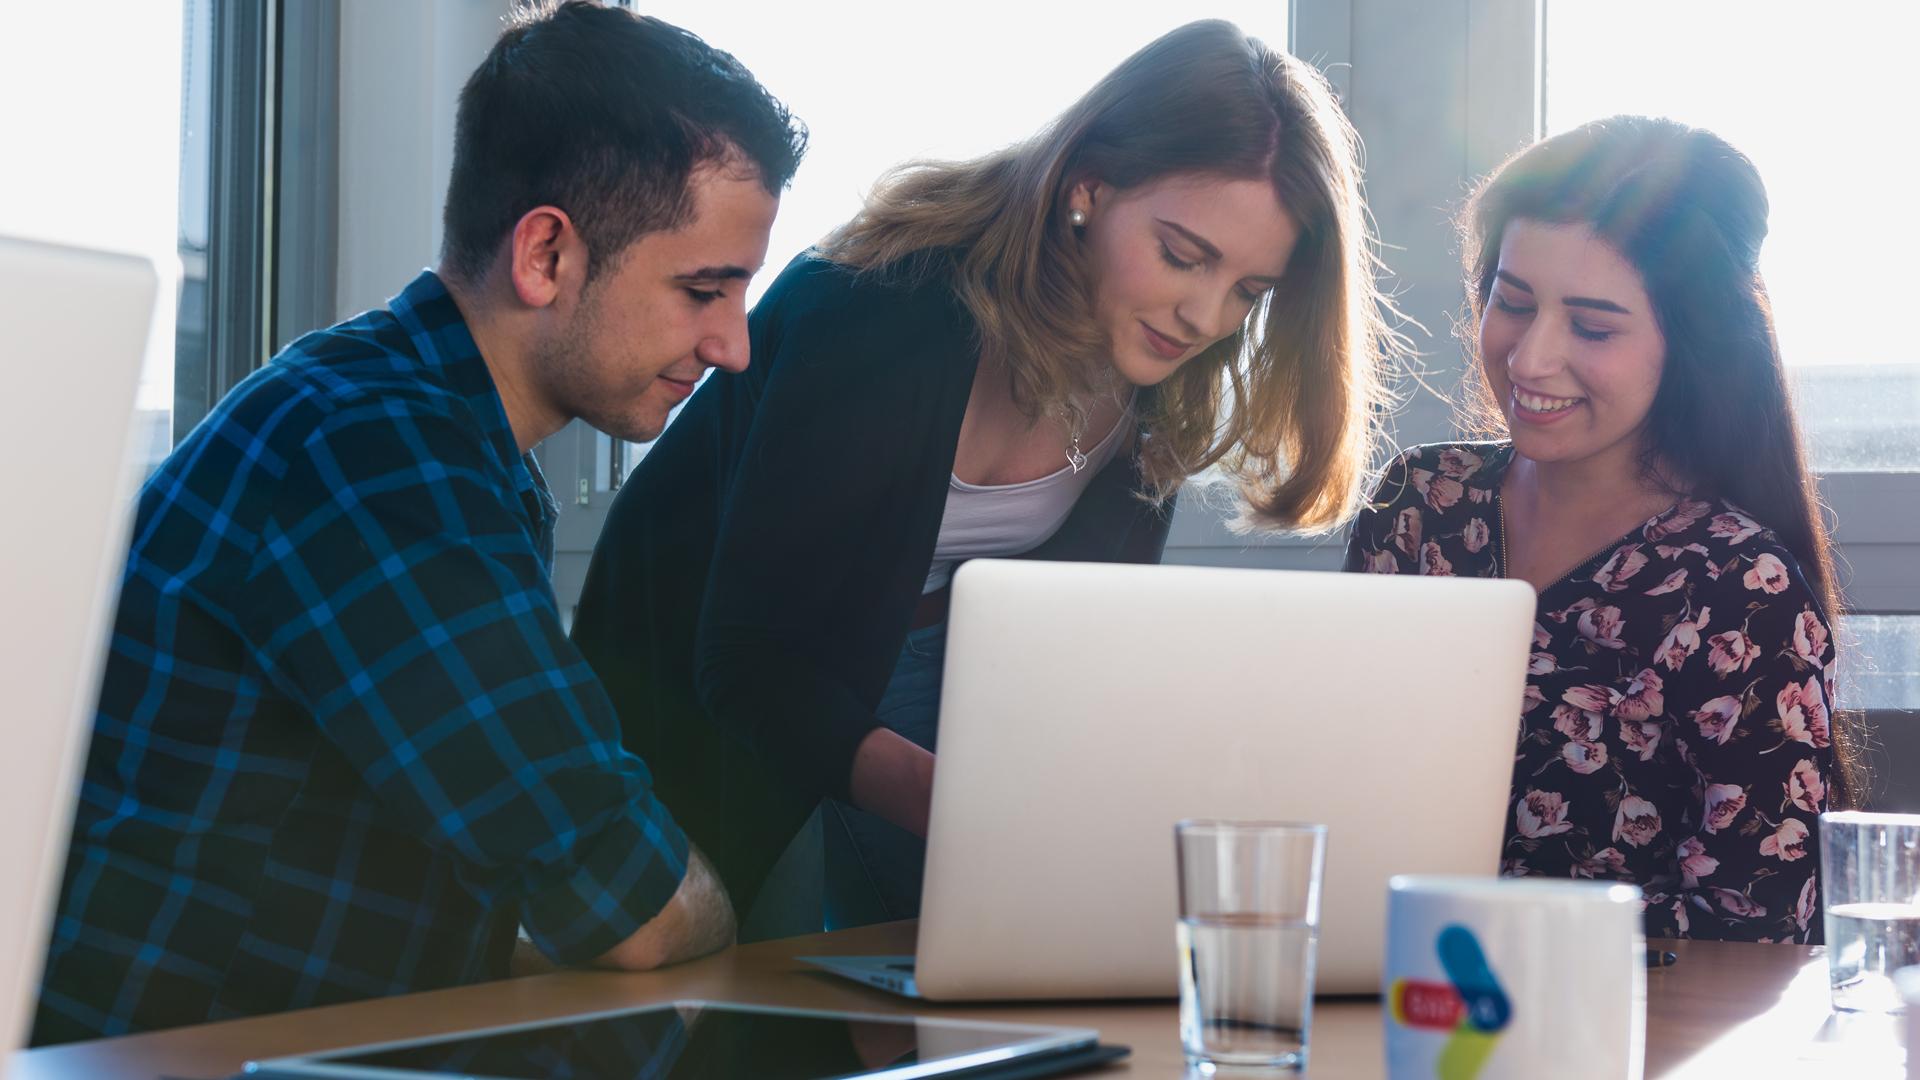 Im Büro: Zwei junge Mitarbeiterinnen und ein junger Mitarbeiter sind um einen Laptop versammelt.